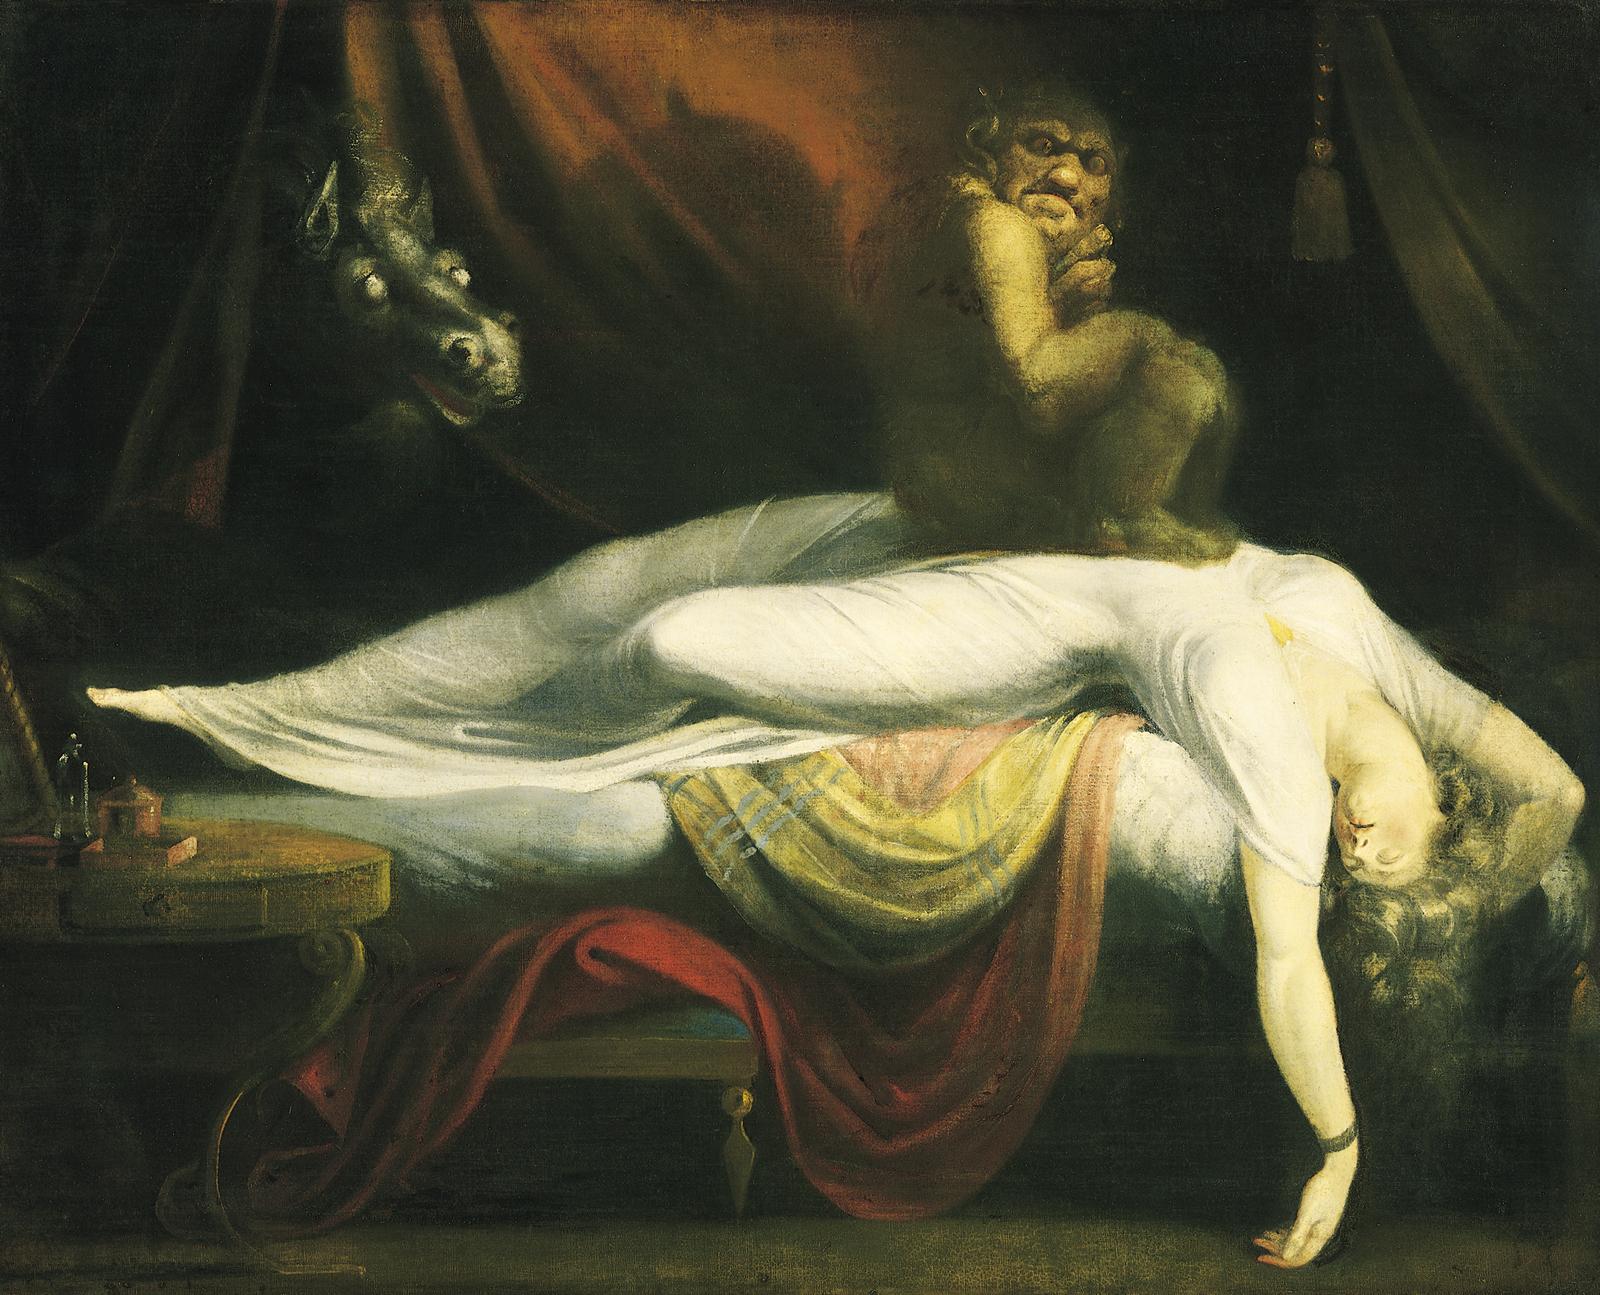 هنري فوسيلي - الجاثوم 1781